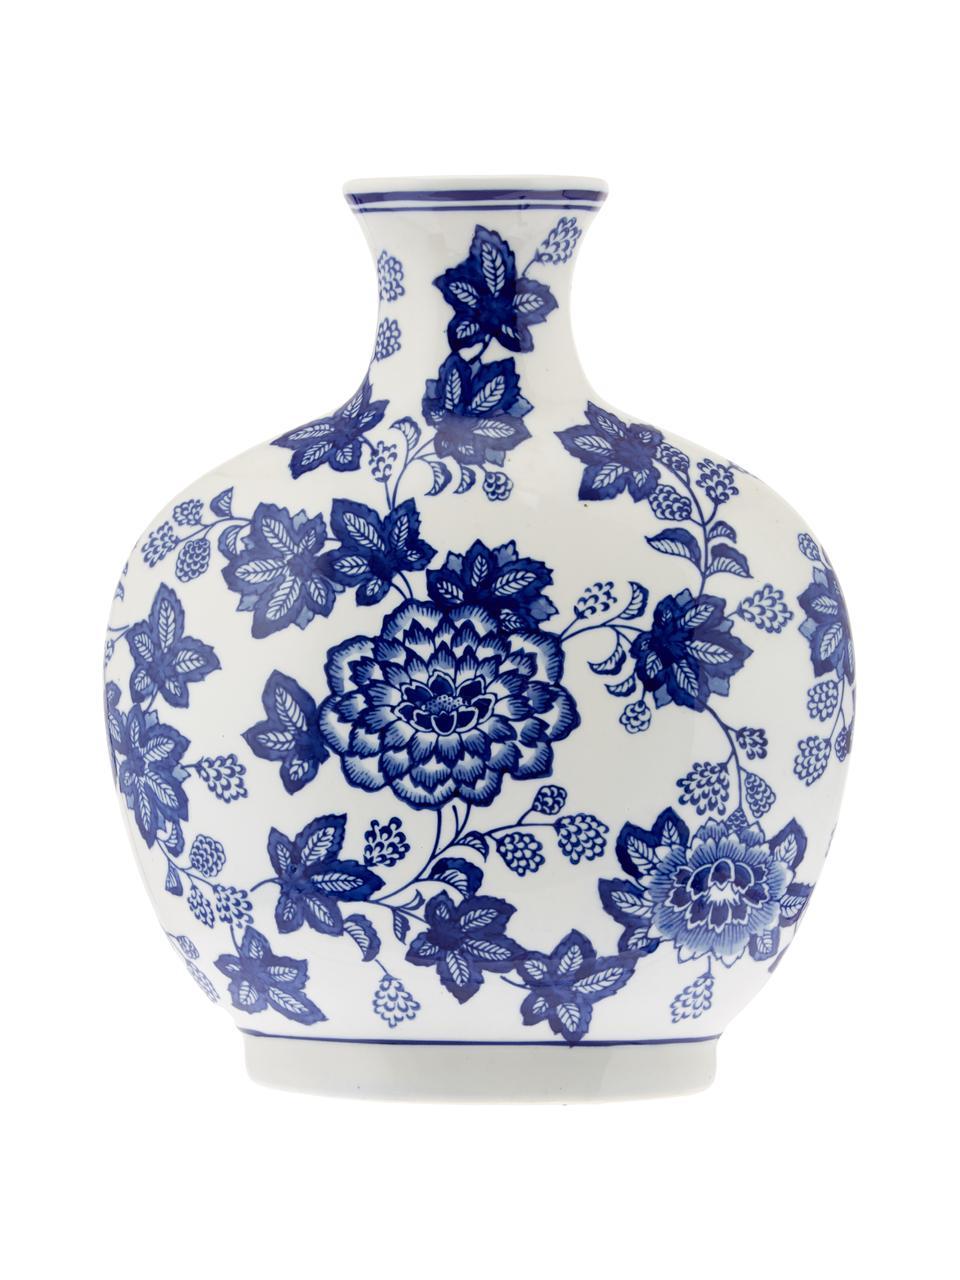 Vaso decorativo in ceramica Blue Flowers, Ceramica, Bianco latteo, blu, Larg. 26 x Alt. 32 cm